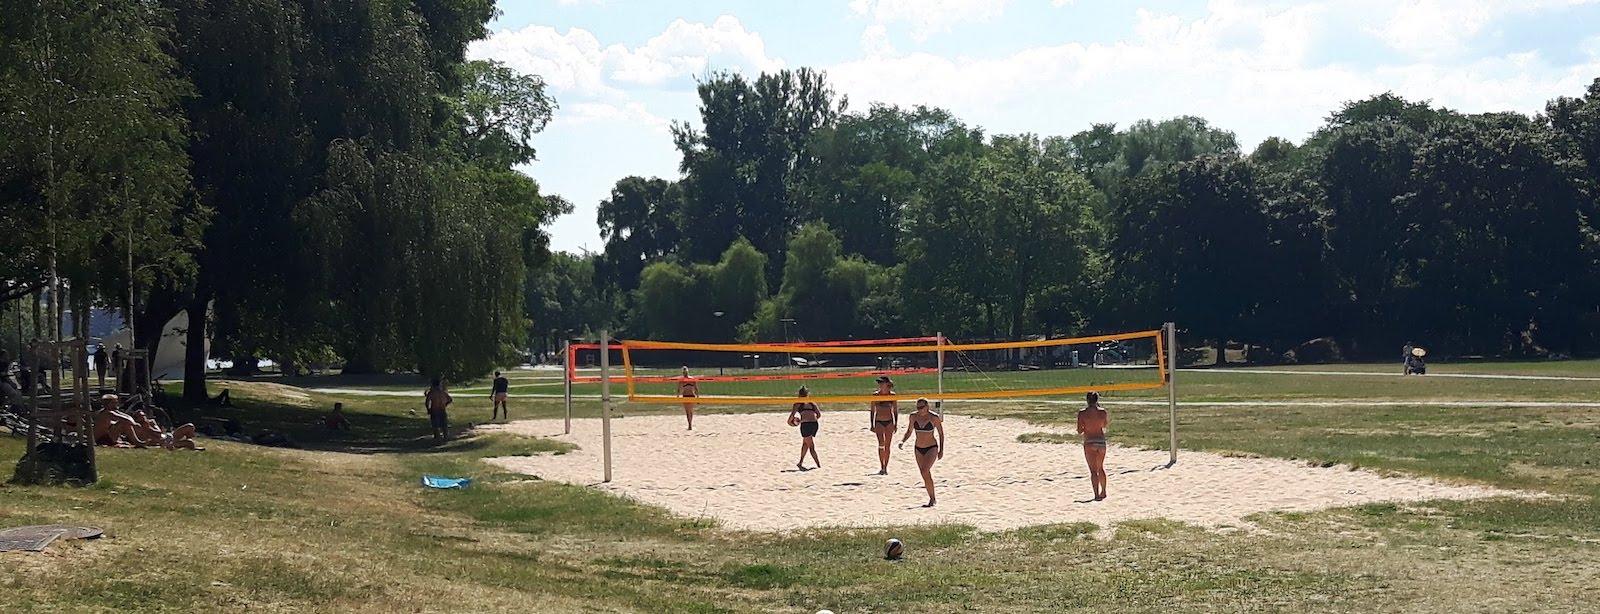 Beach Volleyball Stockholm Sweden